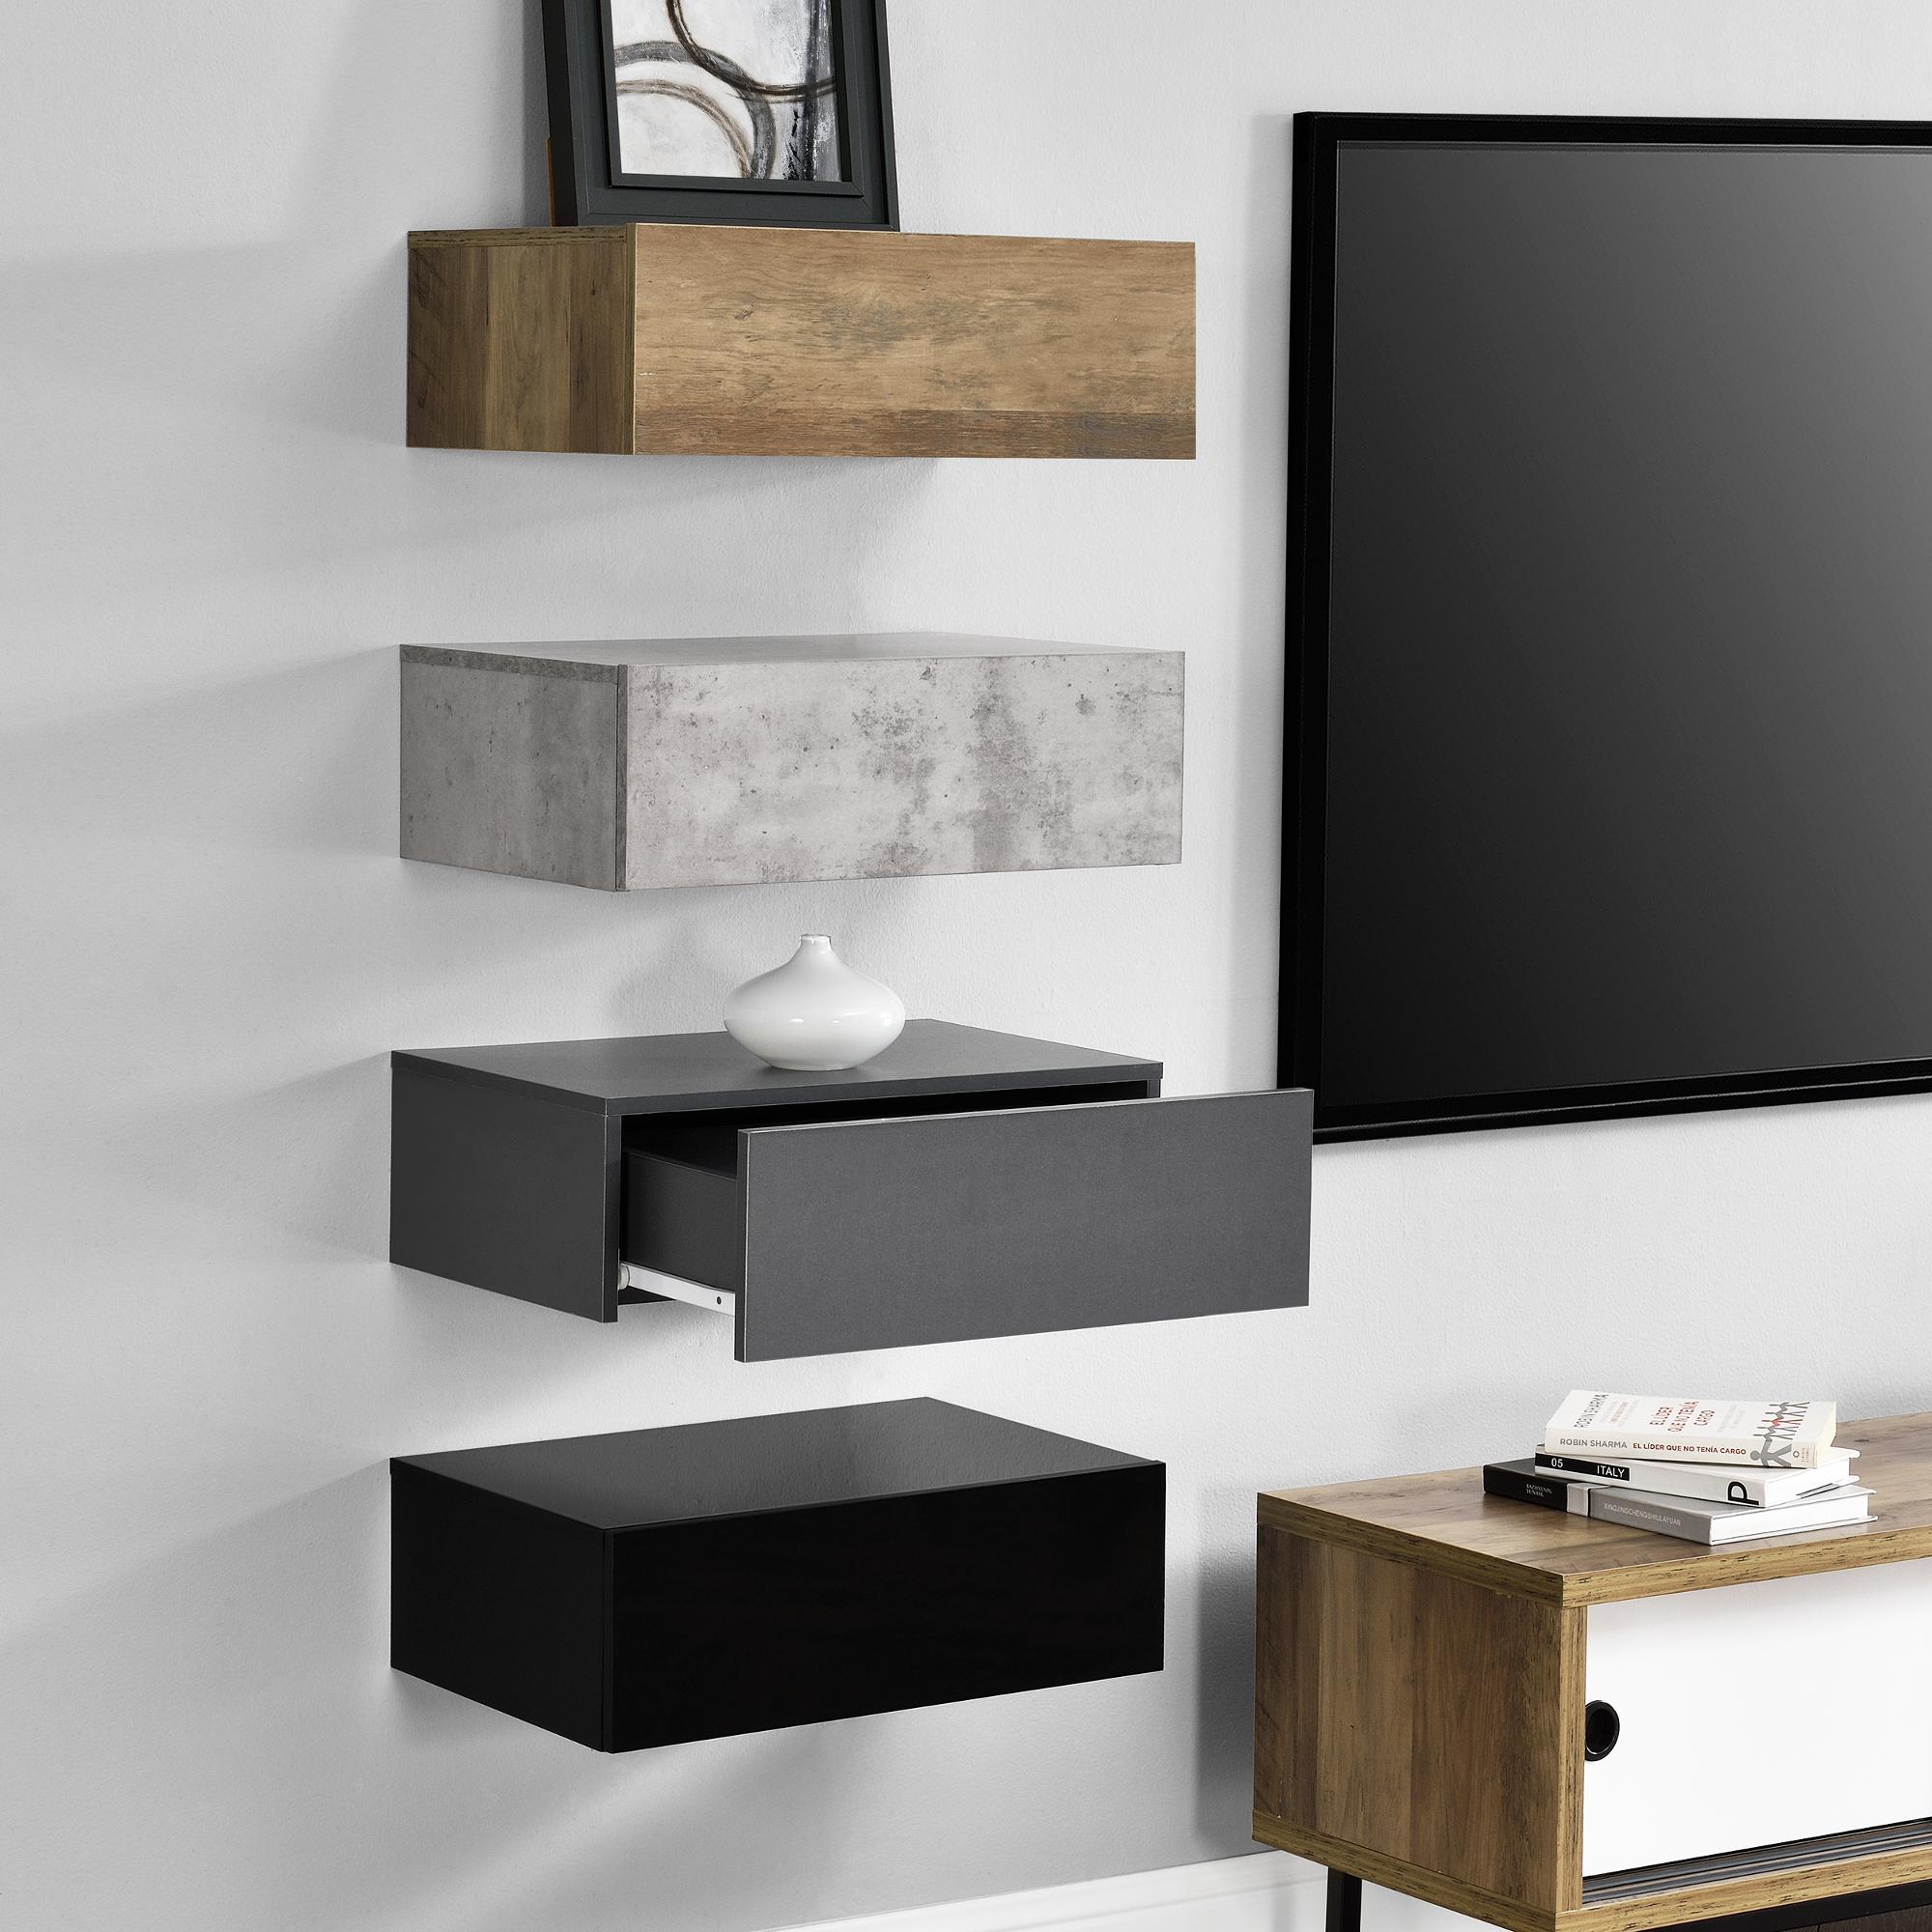 4x wandregal mit schublade h ngeregal regal set. Black Bedroom Furniture Sets. Home Design Ideas